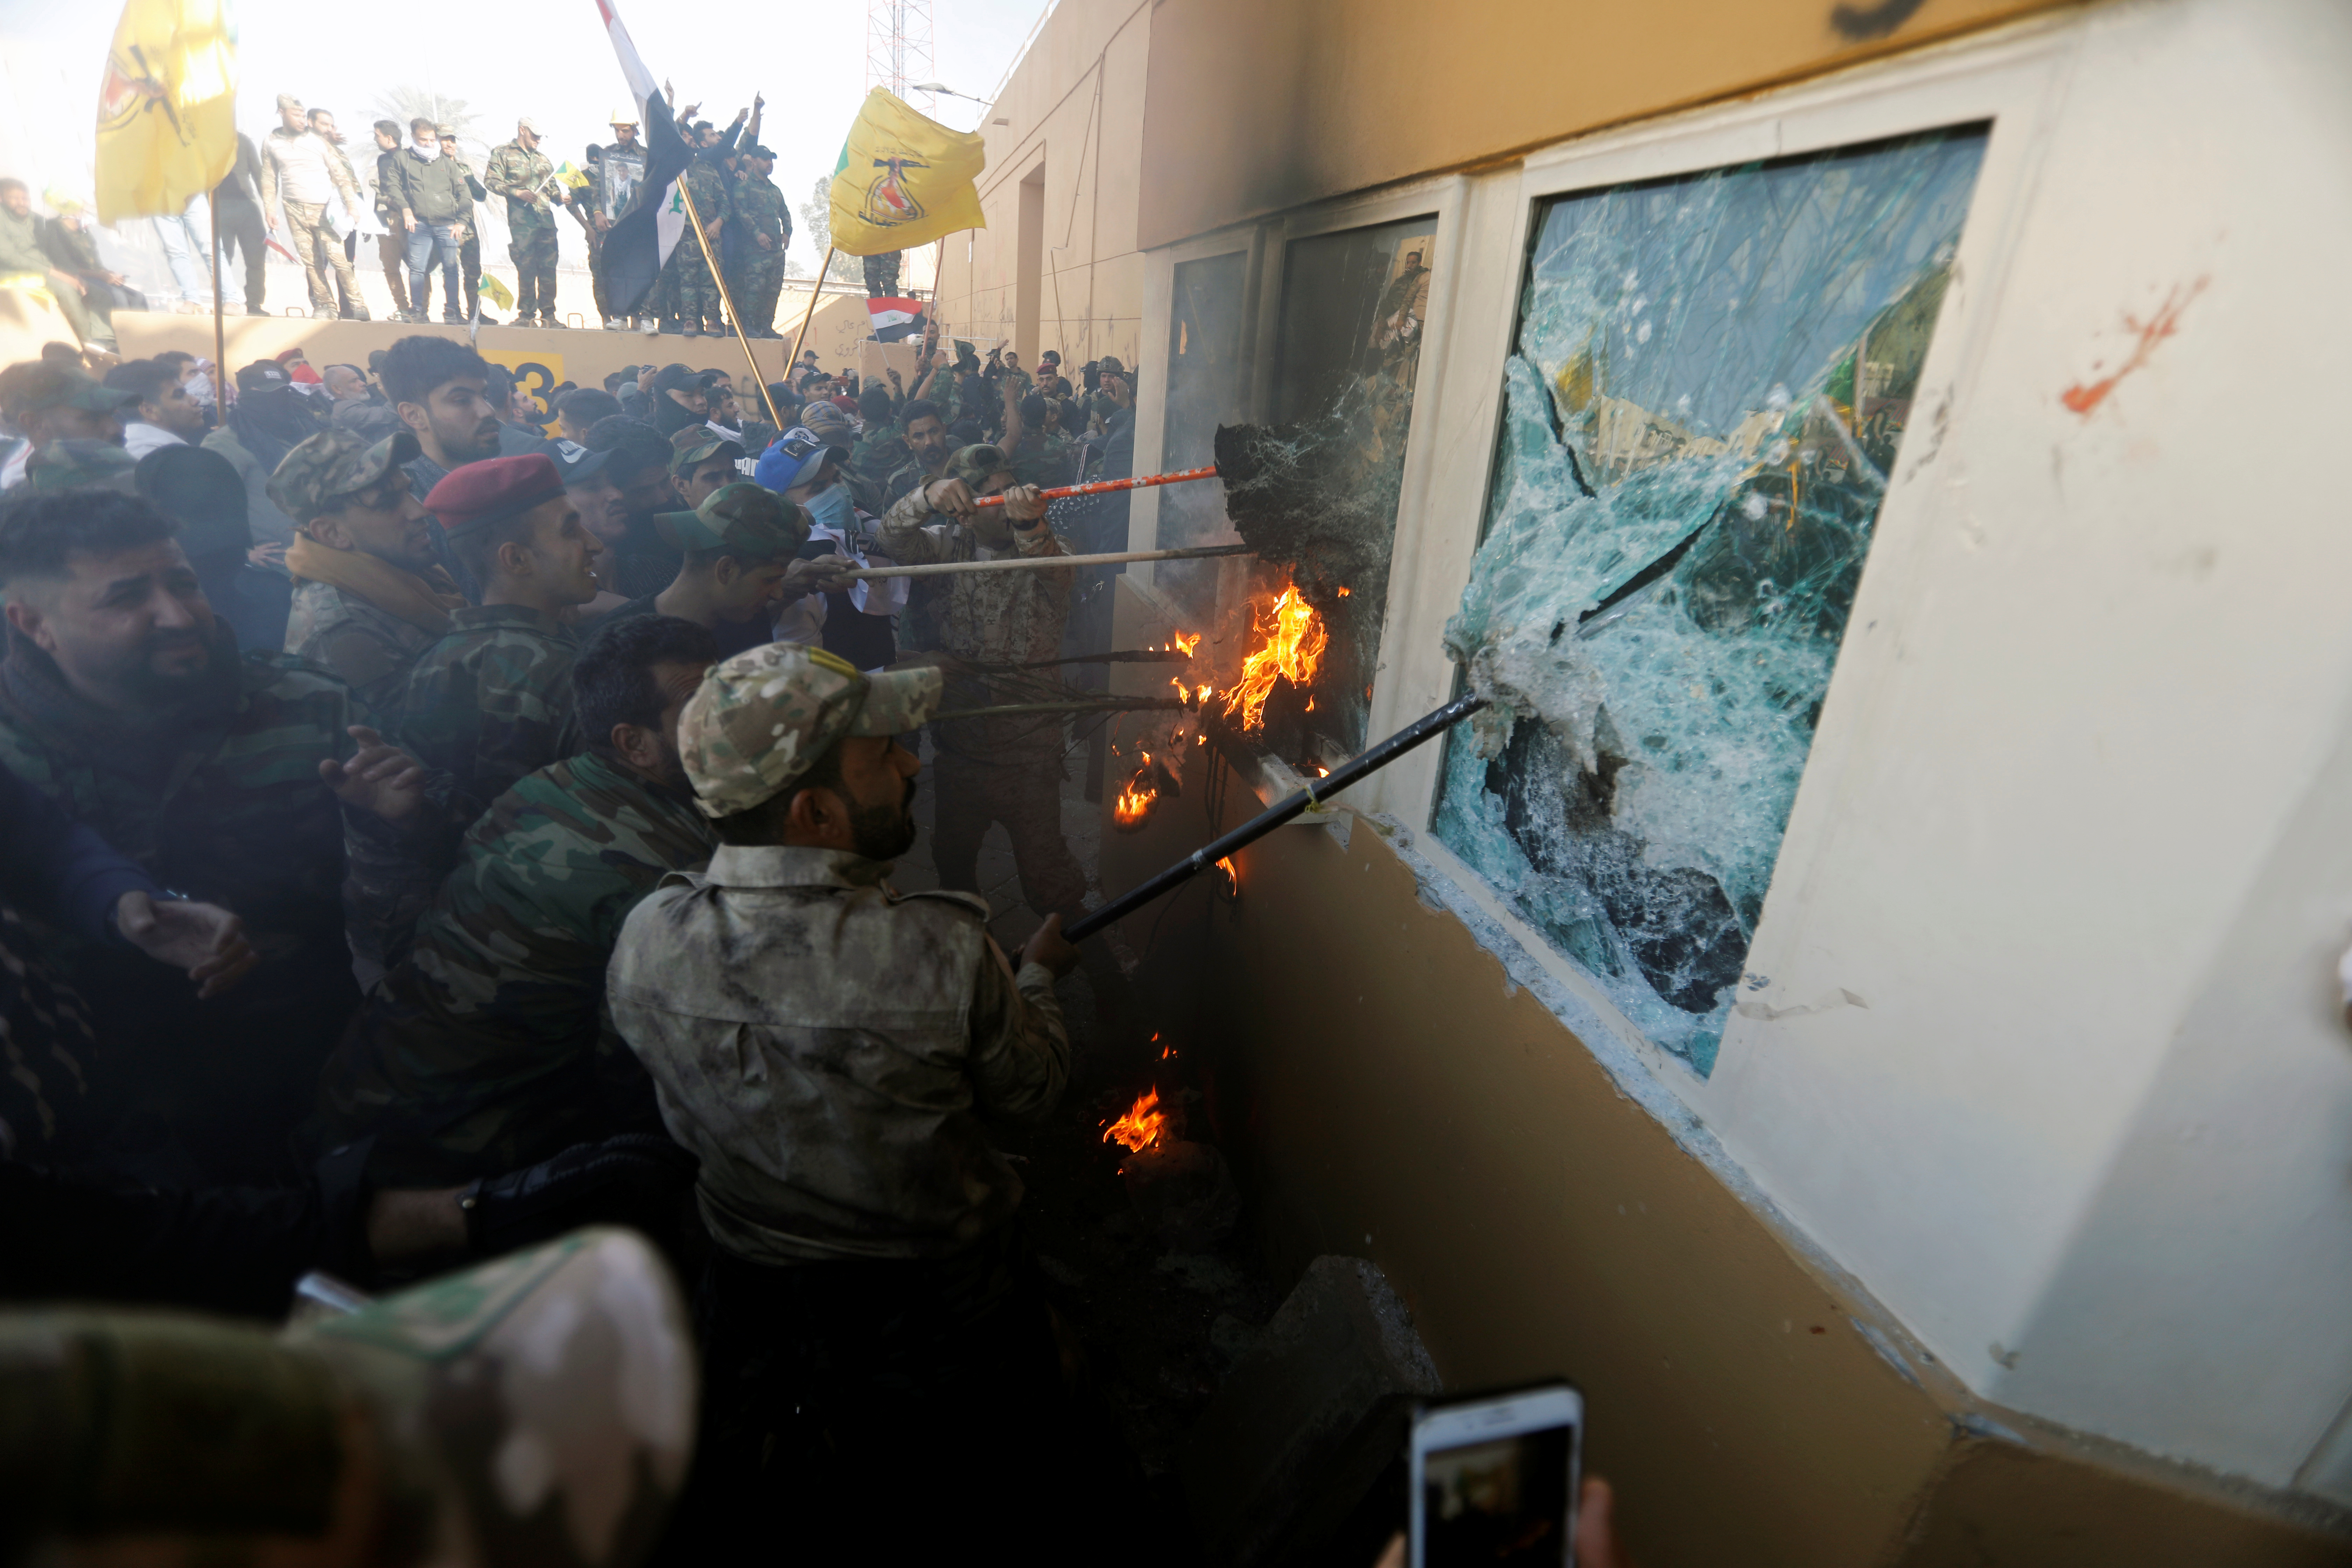 Los seguidores de Hezbollah rompen los cristales de la cabina de seguridad de la sede diplomática